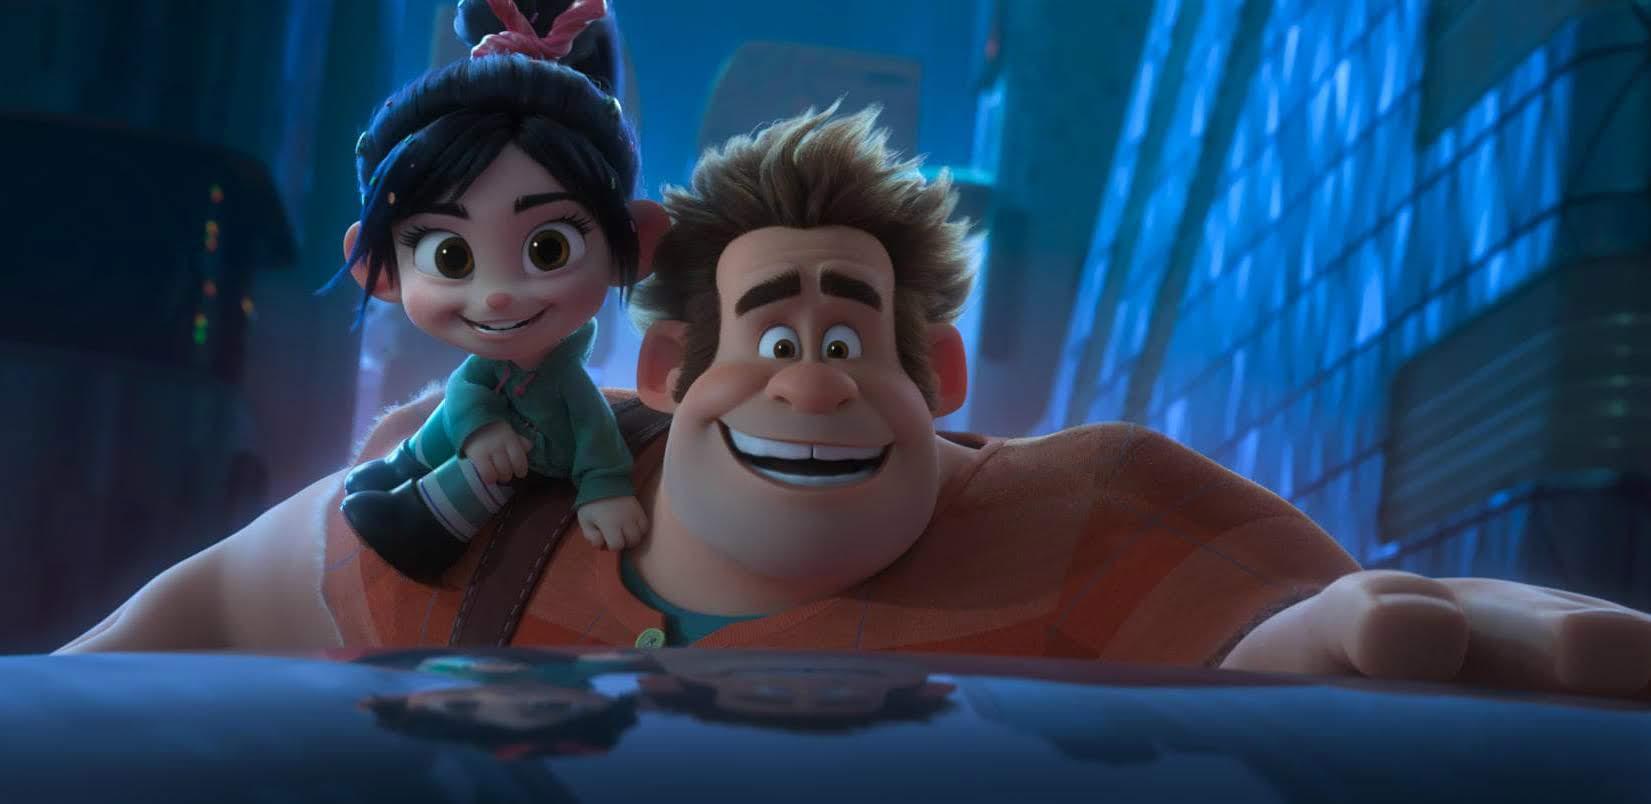 Box Office : 11月23日~25日の全米映画ボックスオフィスTOP5の第1位 - ディズニーの人気アニメ映画の第2弾「ラルフ・ブレイクス・ジ・インターネット」が、ワンダーウーマンのガル・ガドットを声優に起用した話題作りも功を奏し、前作を超える成績を達成したばかりか、感謝祭興行史上2番めの大ヒットを叩き出した初登場第1位 ! !